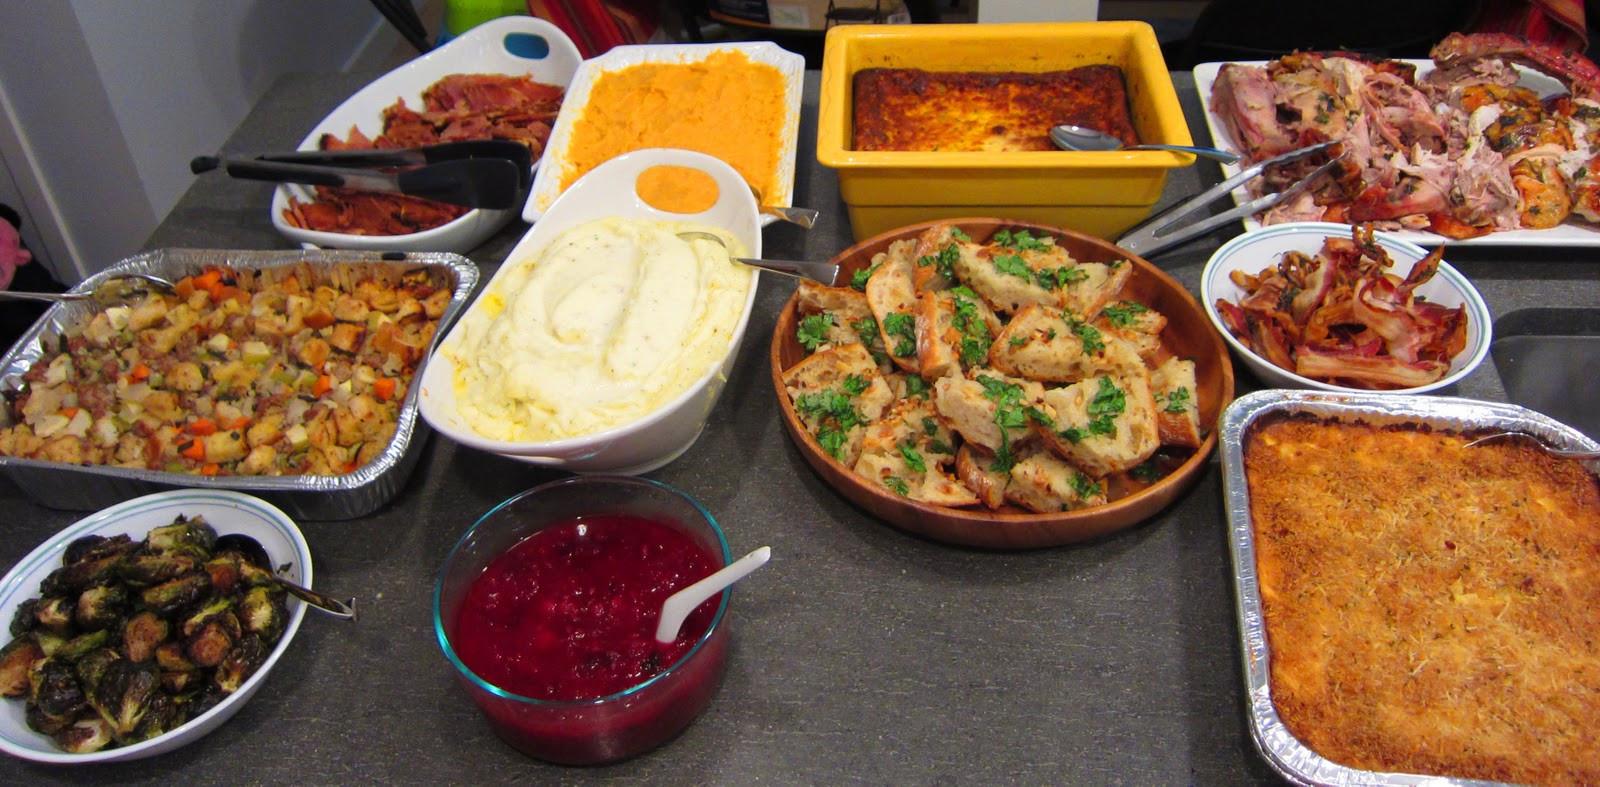 Thanksgiving Dinner Ideas  Tasty Eating Thanksgiving Dinner